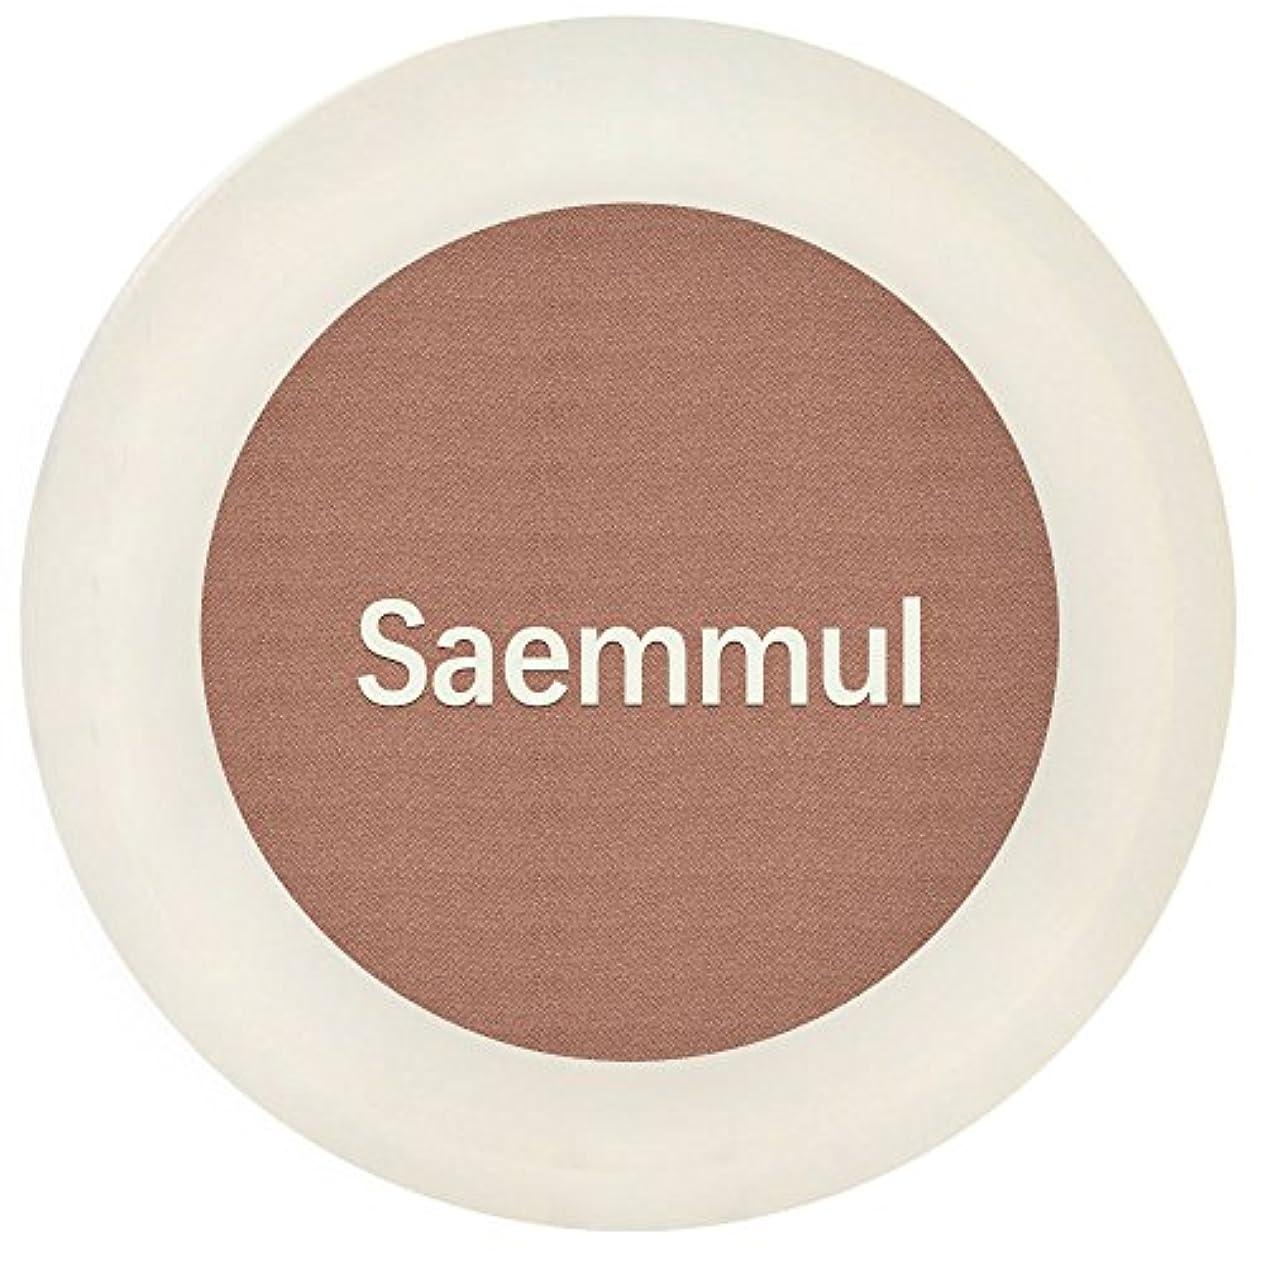 【the SAEM(ザ セム)】センムル シングル シャドウ (マット) I (7カラー選択1) (BR01)